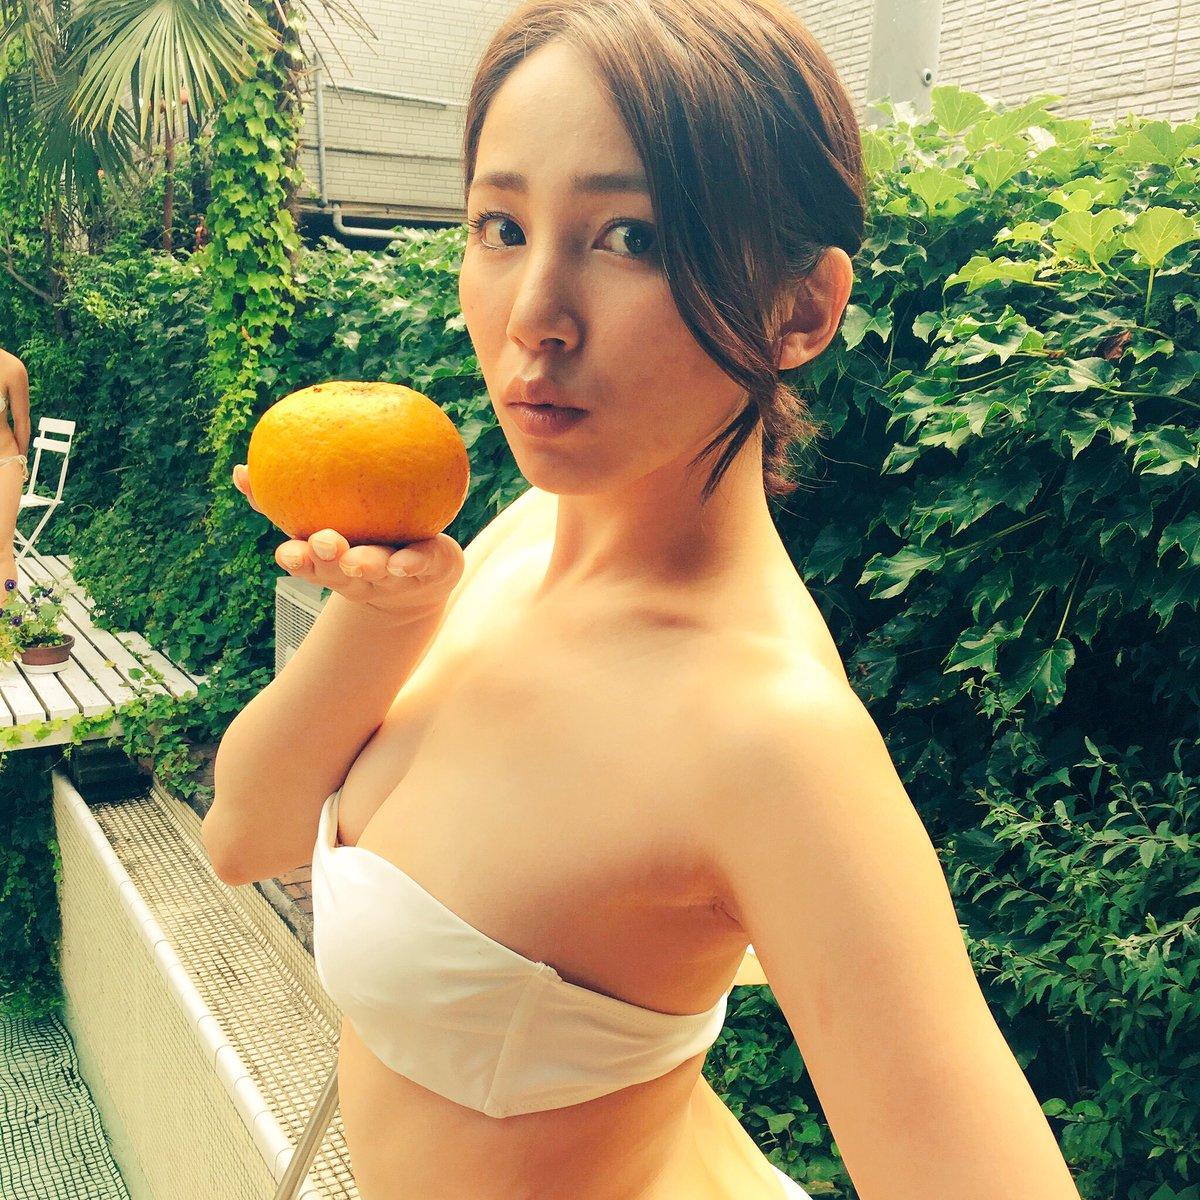 【エロ画像】あいどる「吉川友」がSNSに乳首まで映った自画撮りを気付かずうpしちゃう事故が発生wwwwwwwwwwwwwww(画像あり)